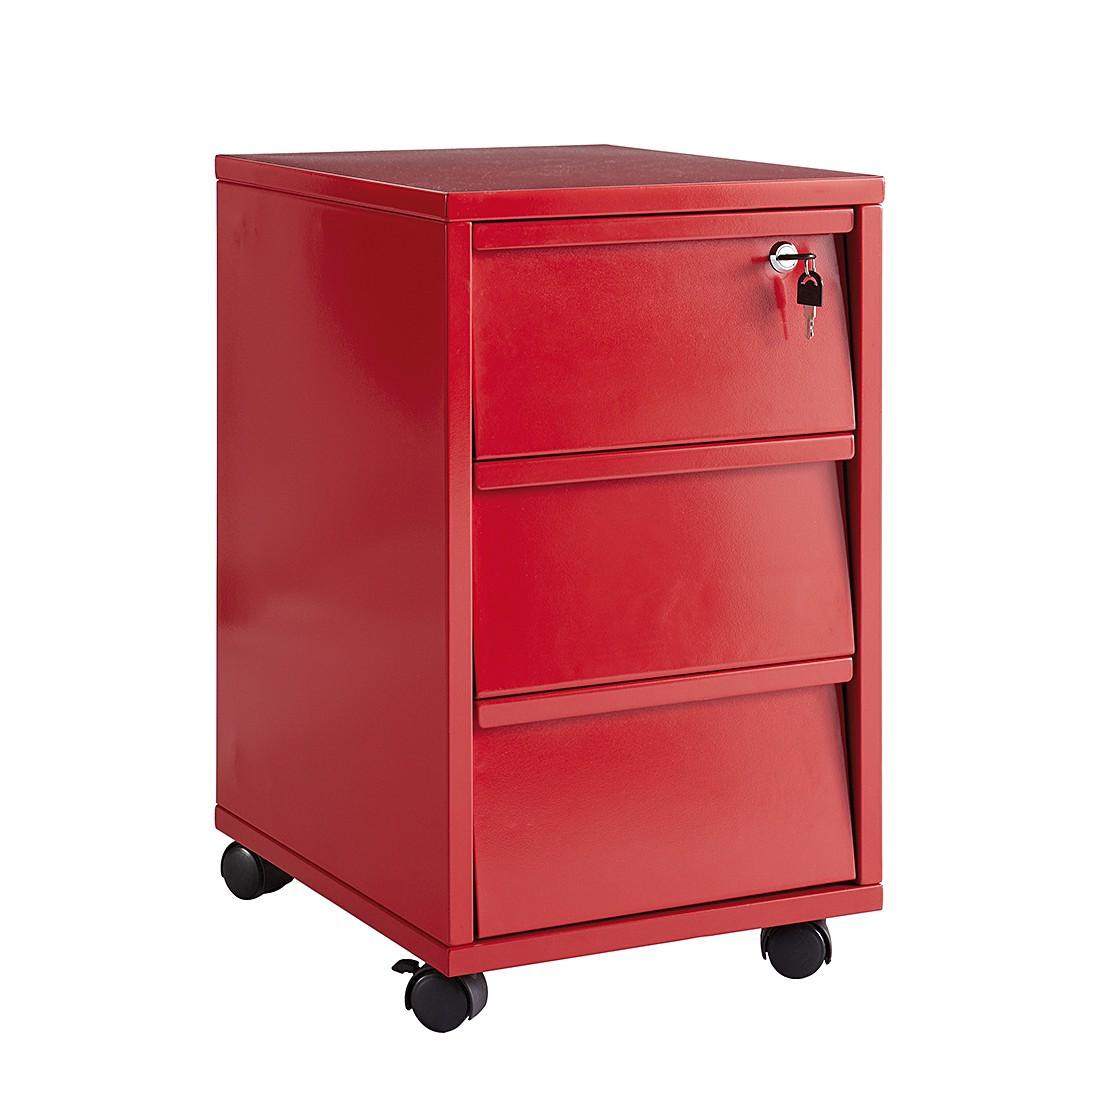 Rollcontainer Brest - Abschließbar Rot